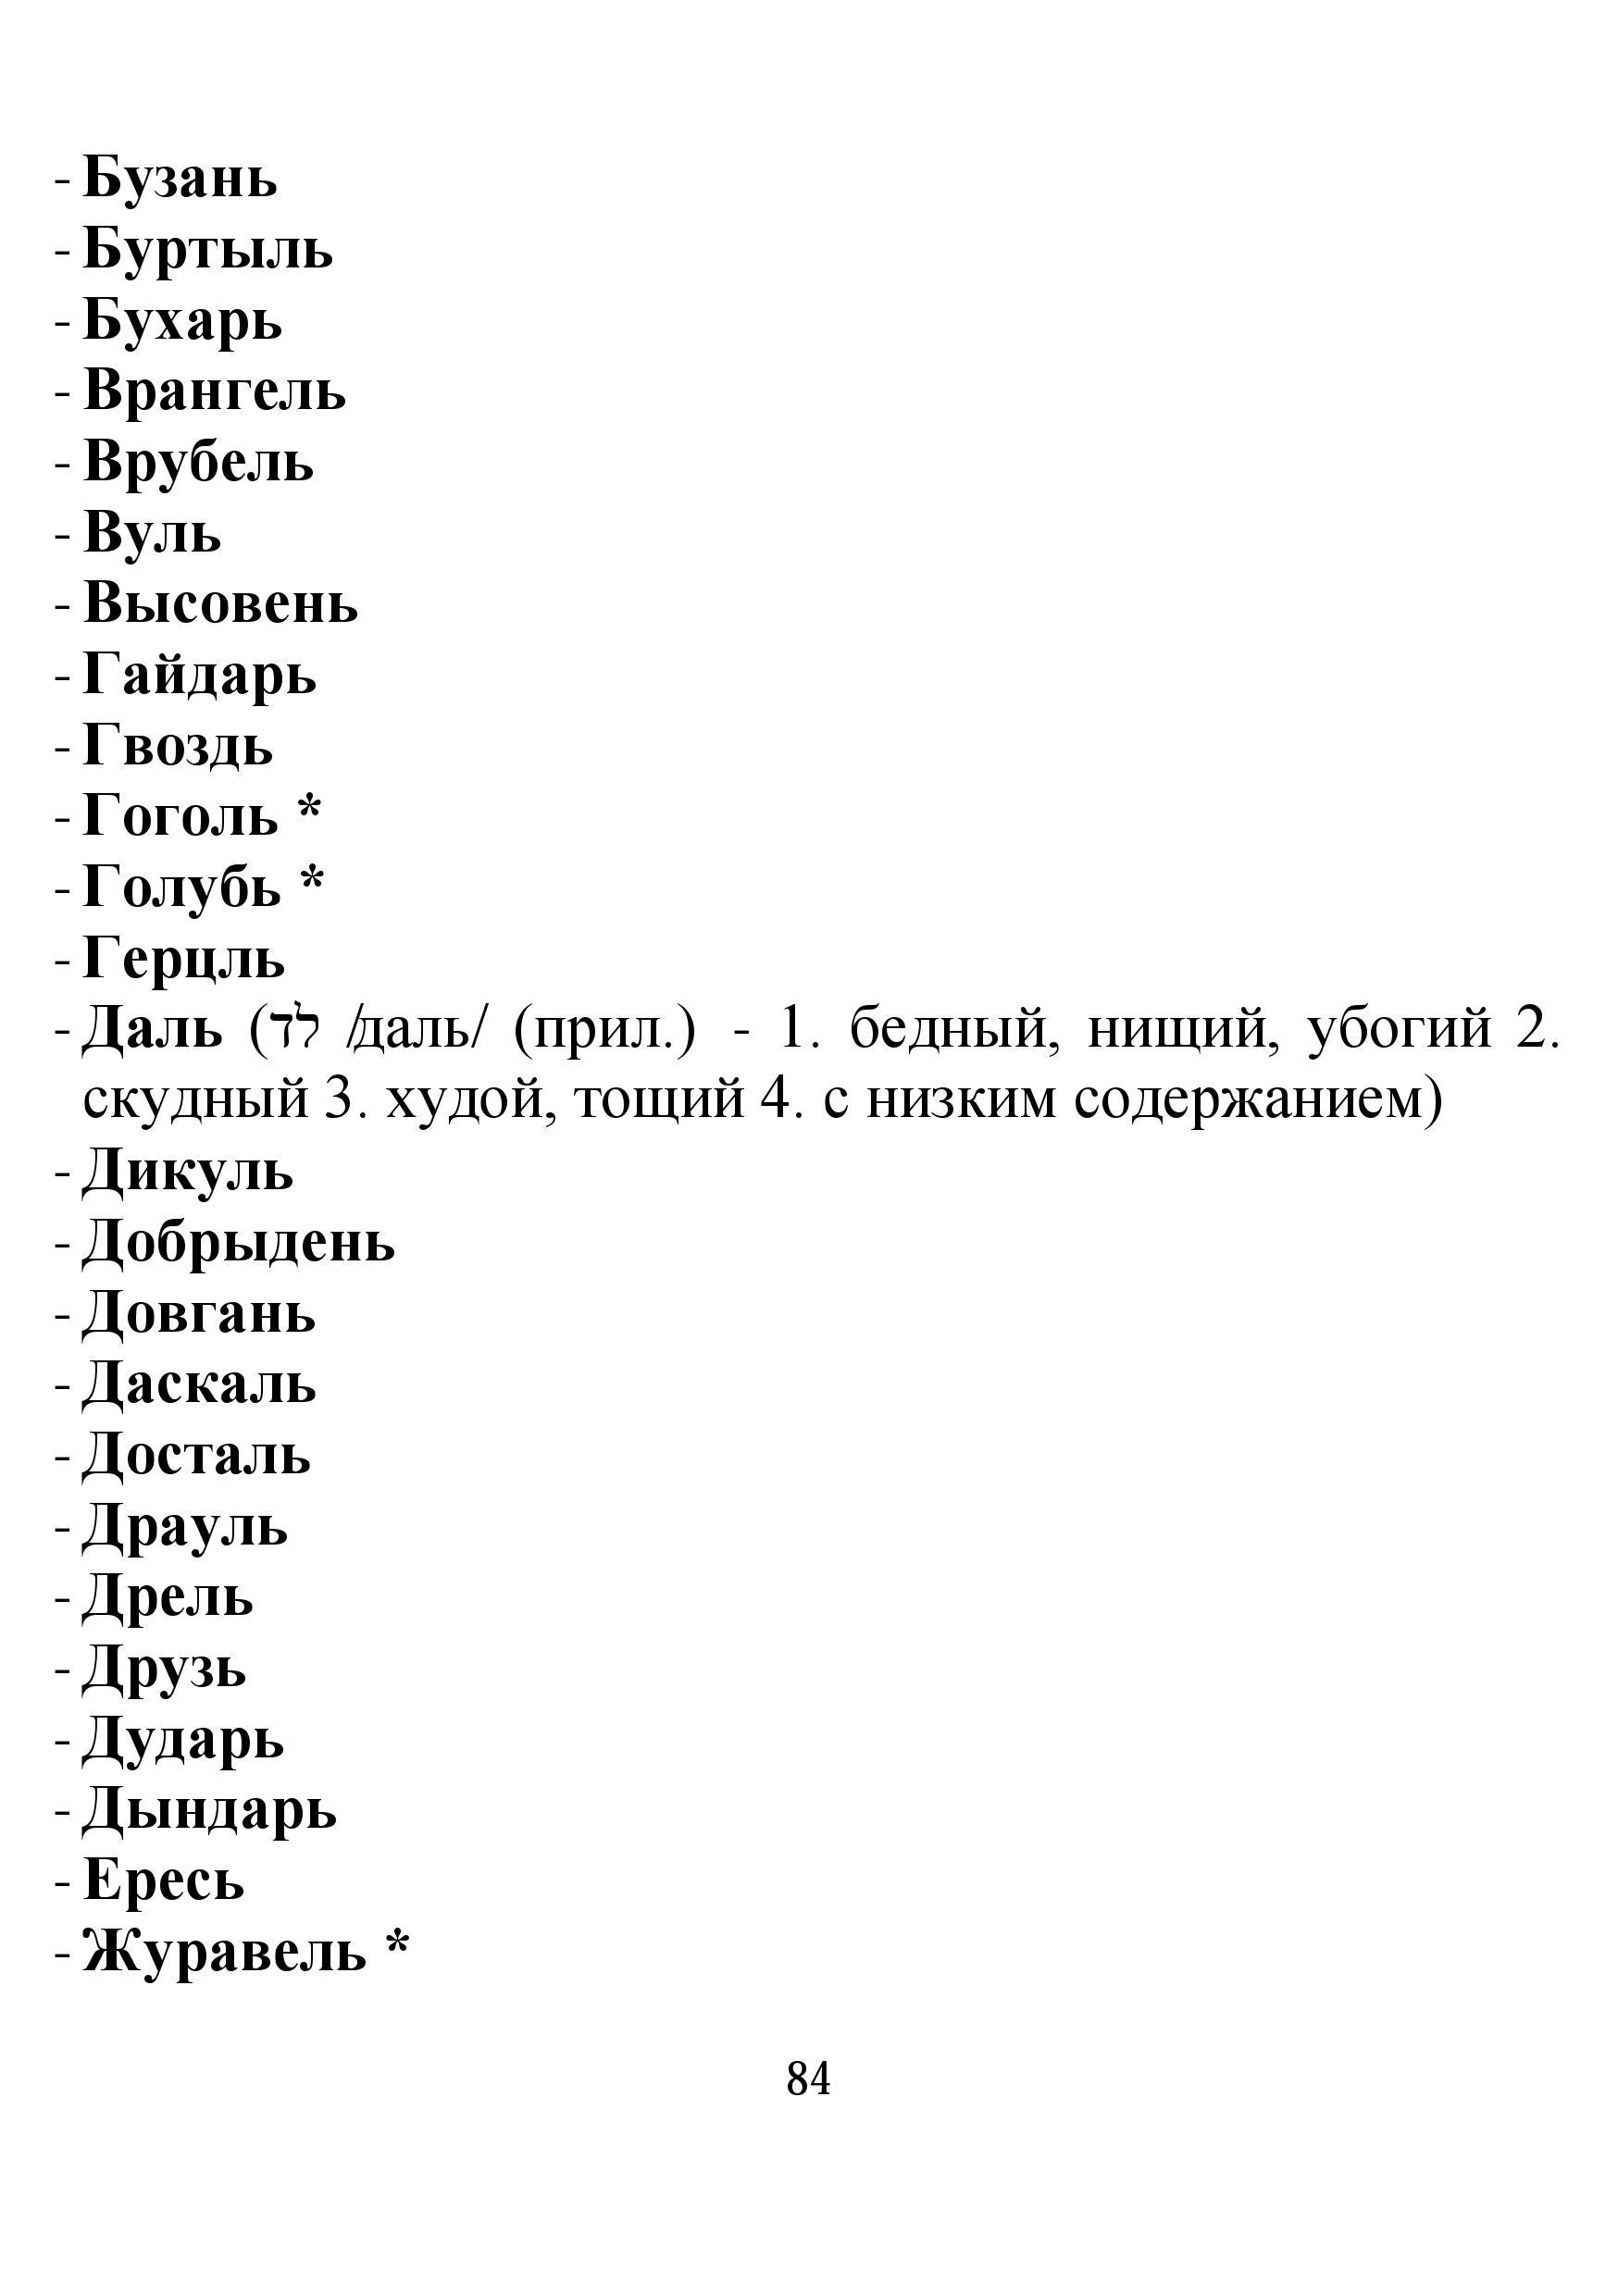 http://s5.uploads.ru/NWtsU.jpg